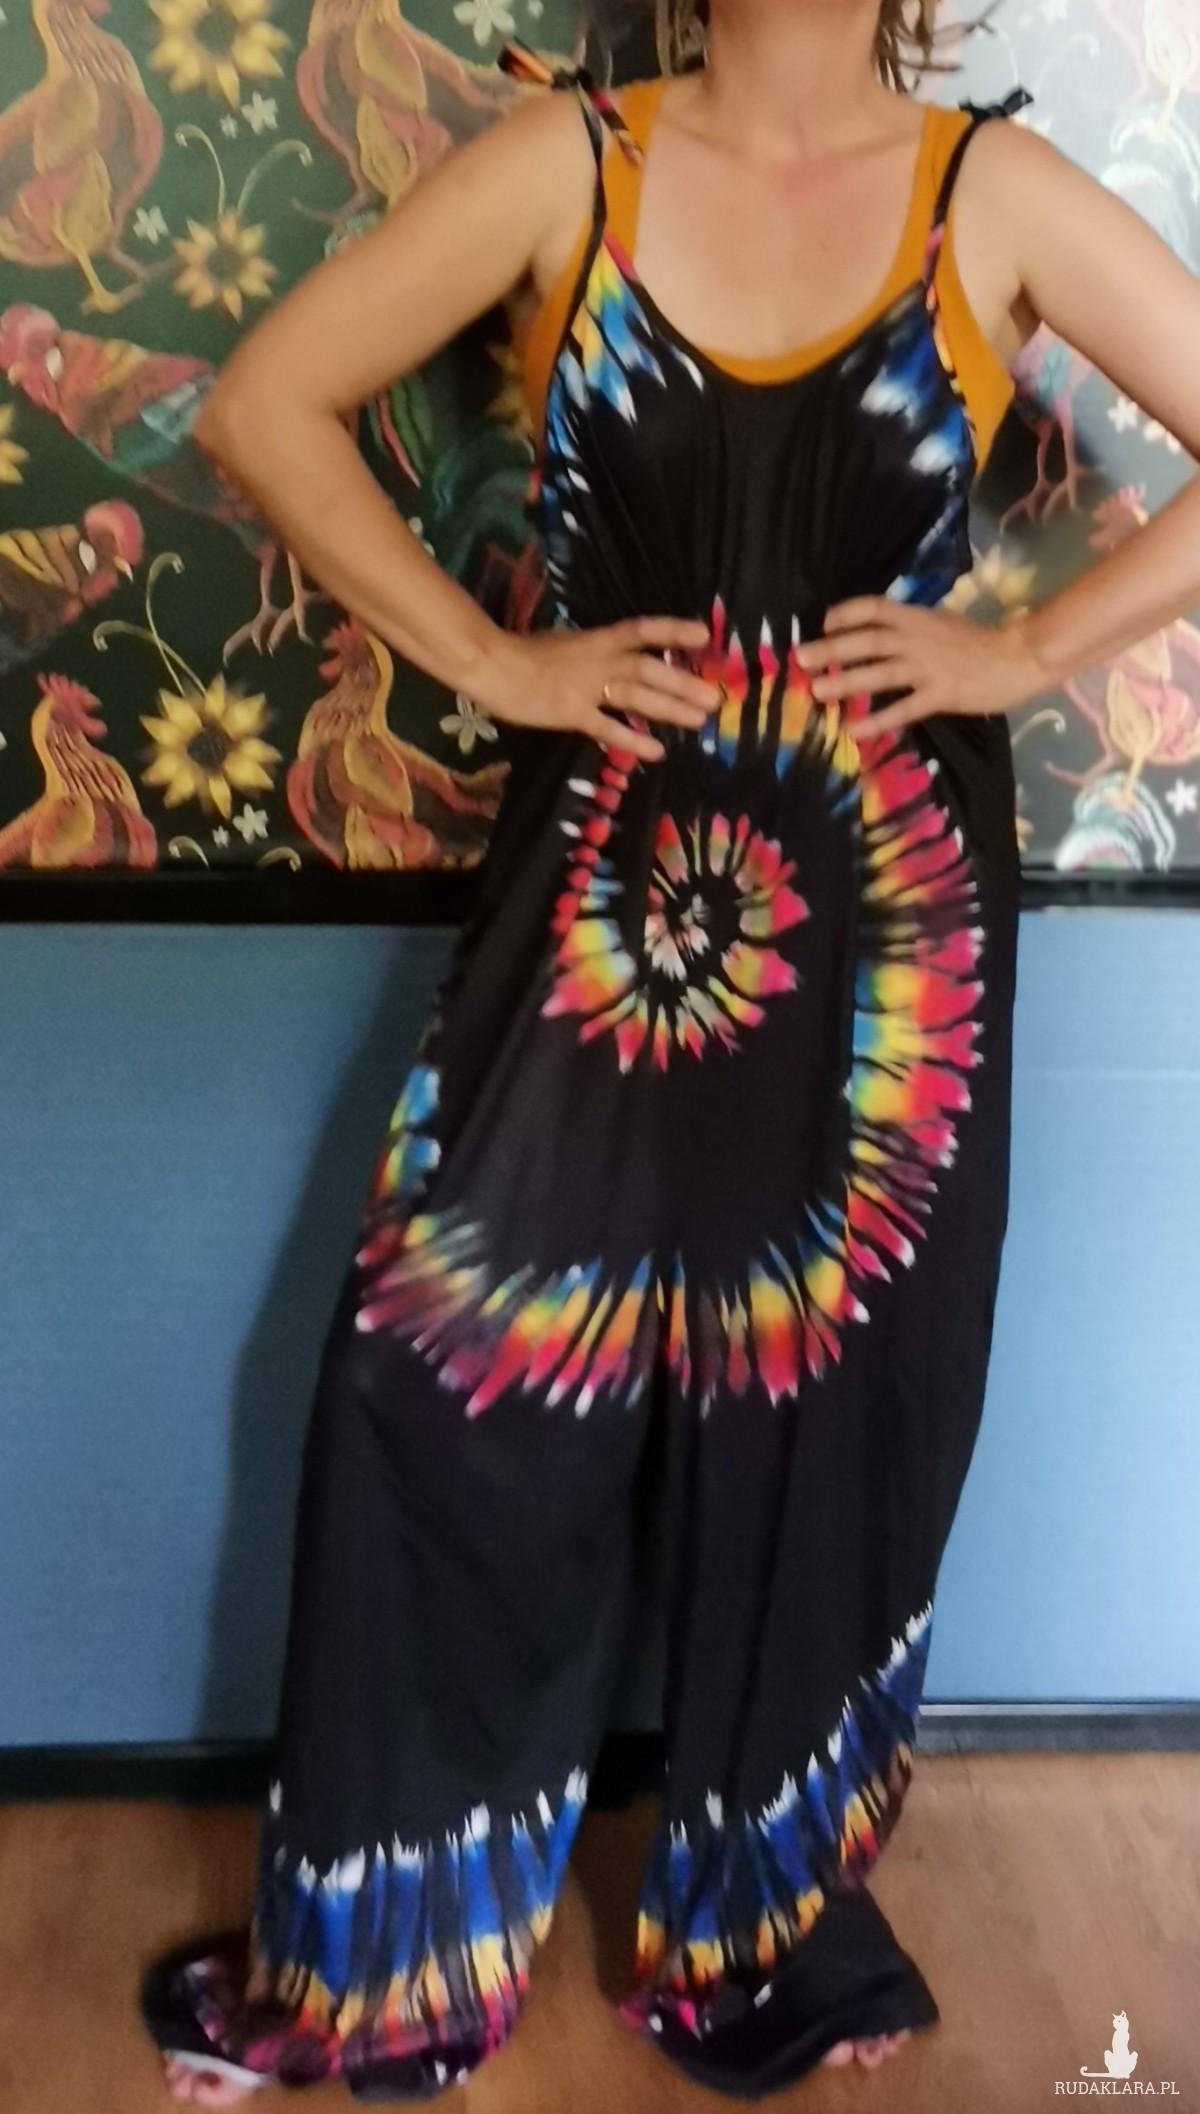 kombinezon kolorowy M/l pajacyk